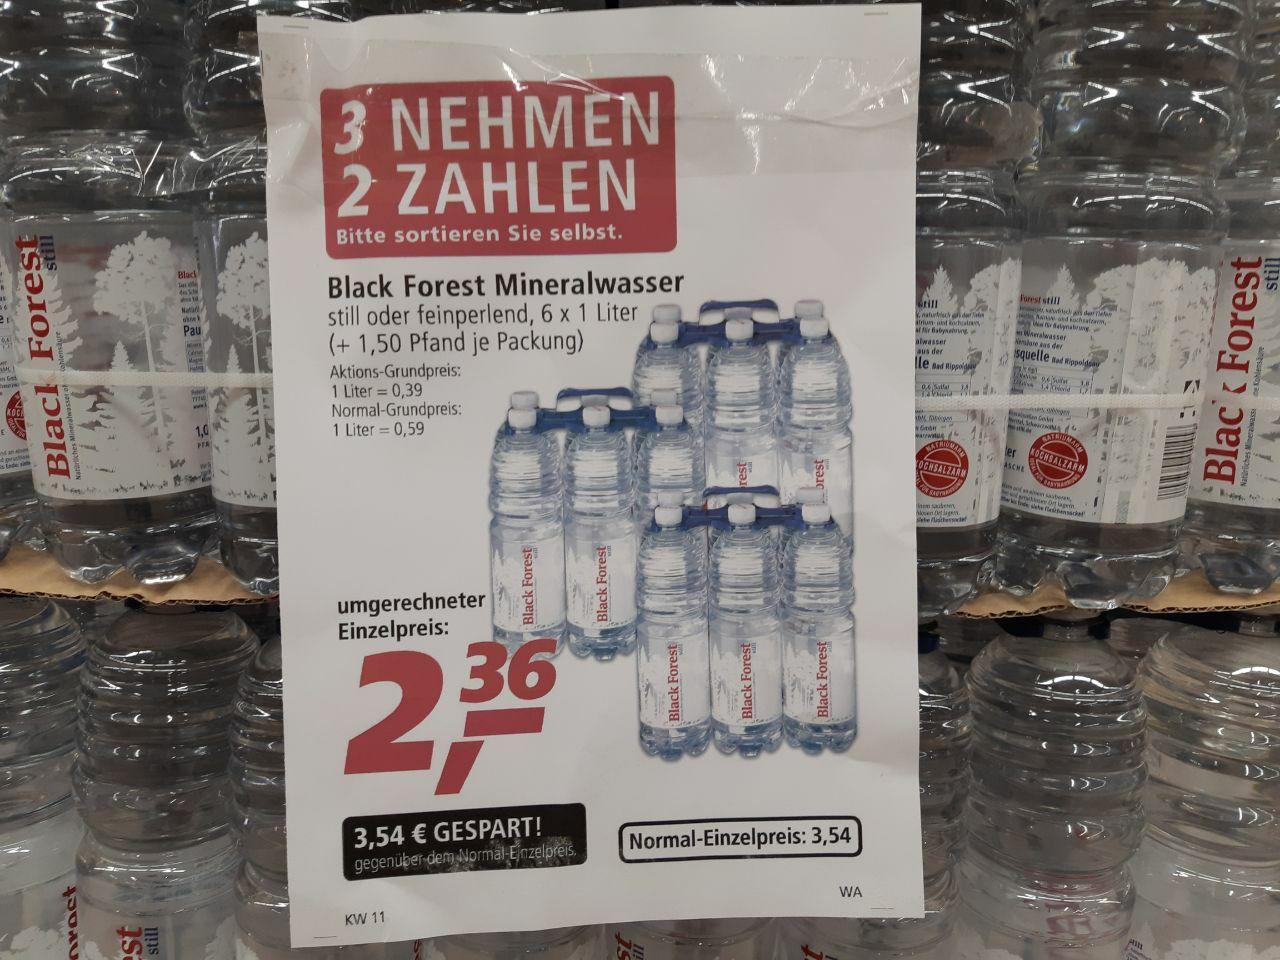 REAL Black Forest Wasser 3x6 kaufen und nur 2x6 bezahlen / still oder fein perlend oder gemischt NUR BIS SAMSTAG, 16.03